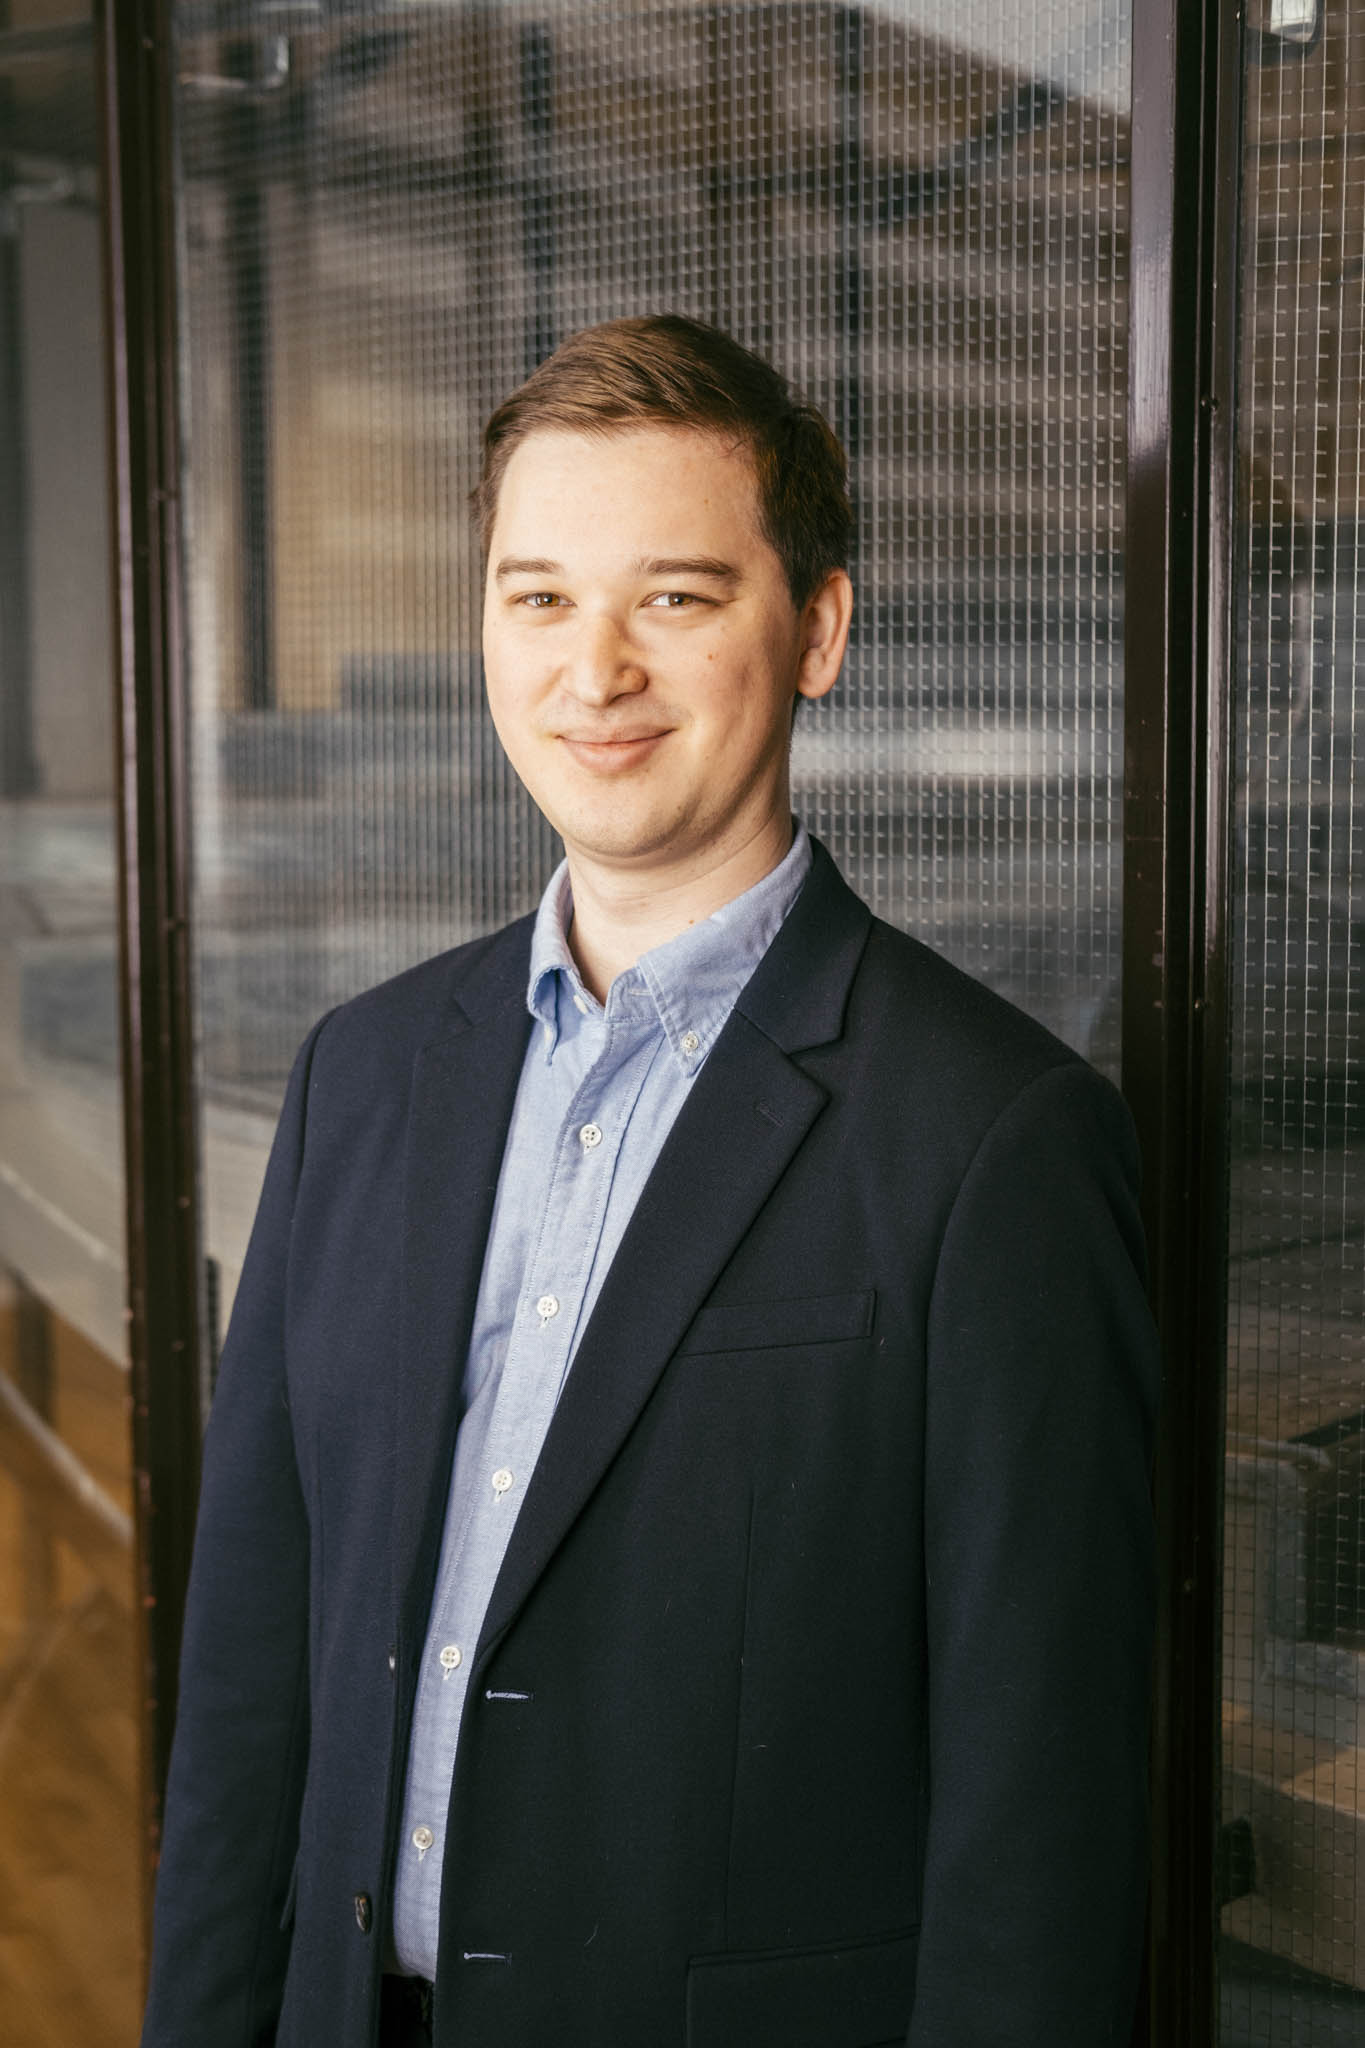 Victor Svedenblad